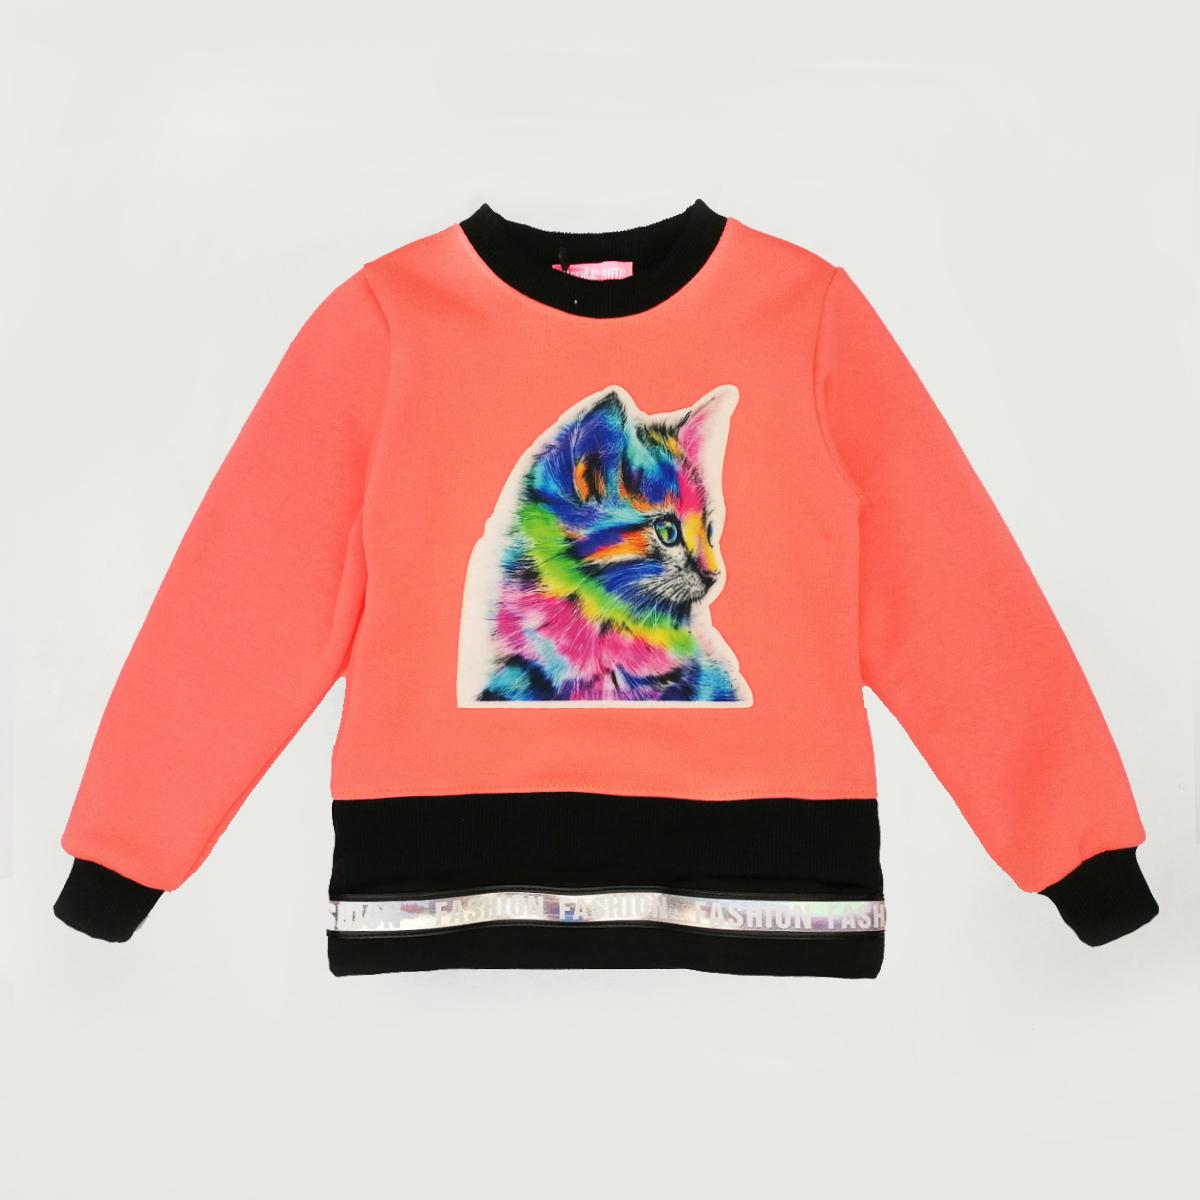 Свитшот детский SmileTime  утепленный Color Kitten, оранжевый неон